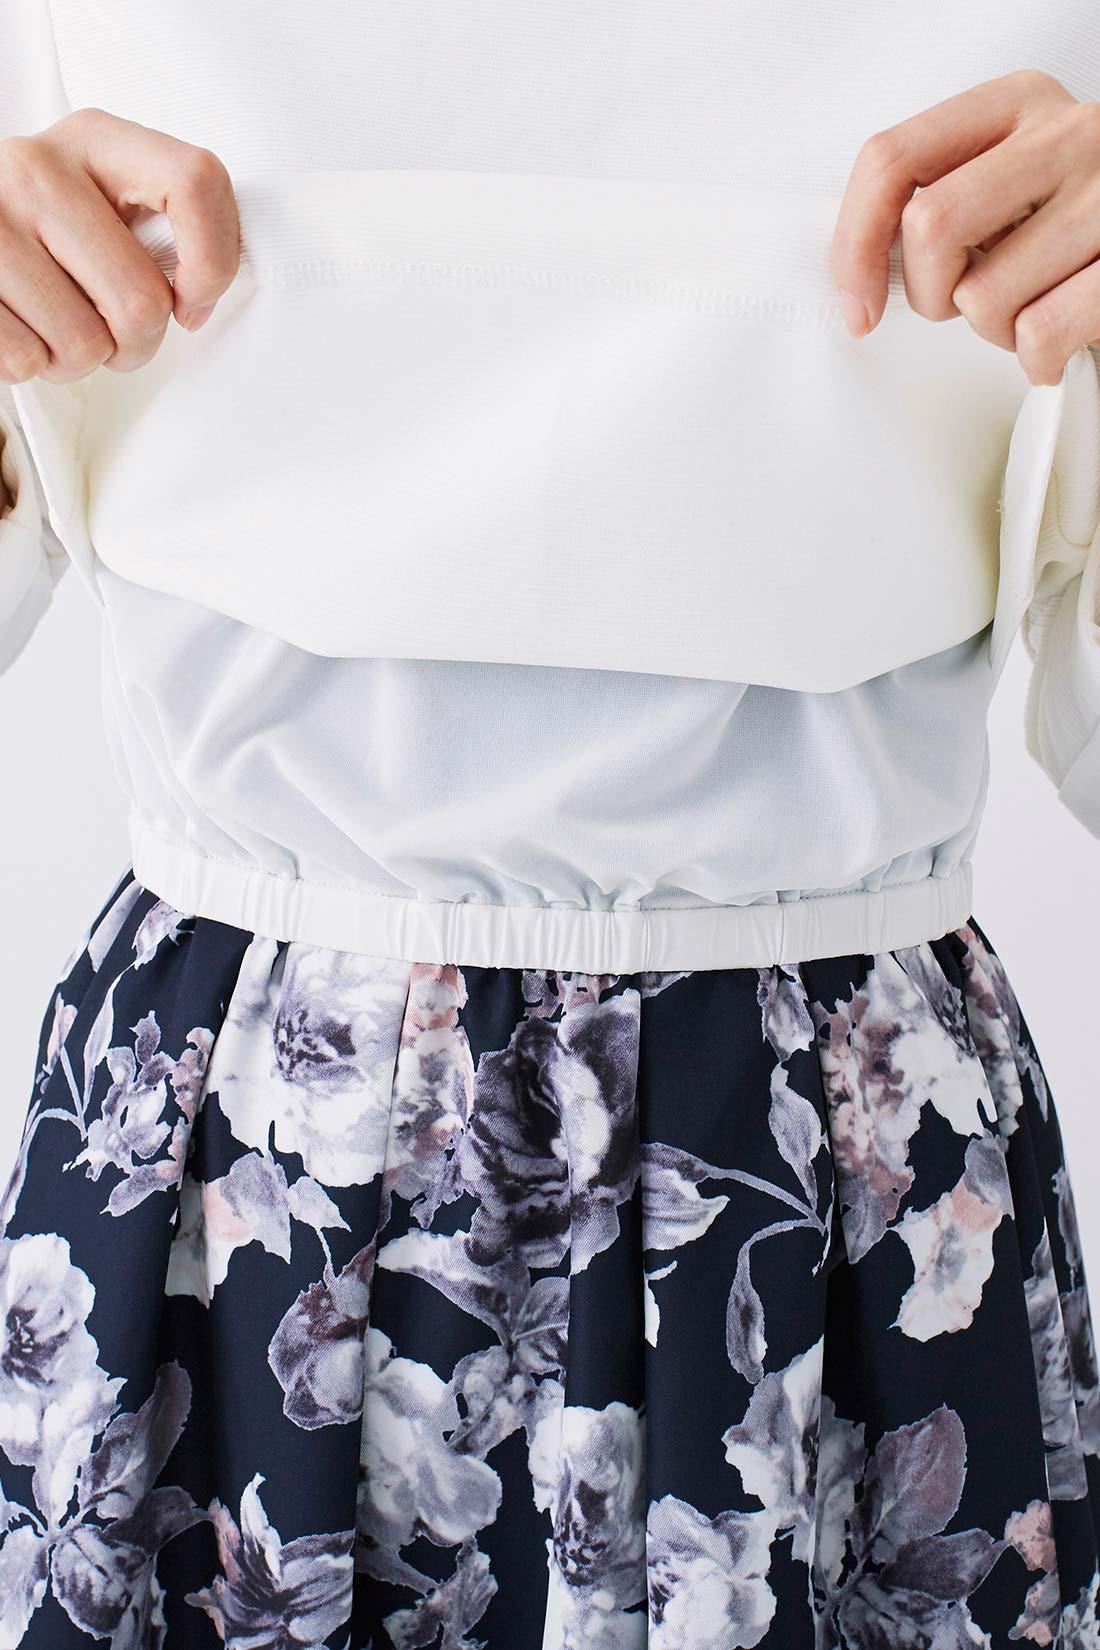 トップス身ごろの裏地とスカートがドッキング。すそがスカートに自然に重なるので、上下コーデに見えて手抜き感もなし!※お届けするカラーとは異なります。